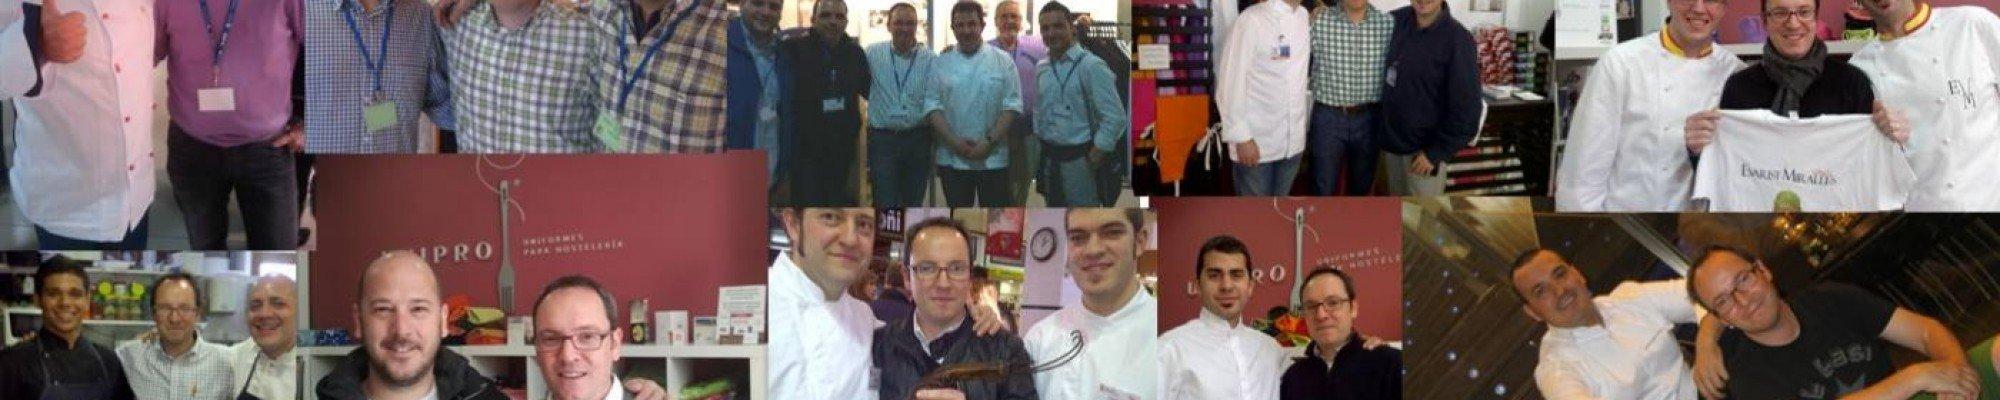 ... y así nació la web :: UNIPRO Uniformes Hosteleria Valencia, ropa cocina Valencia, Ropa hosteleria, Ropa cocinero ::